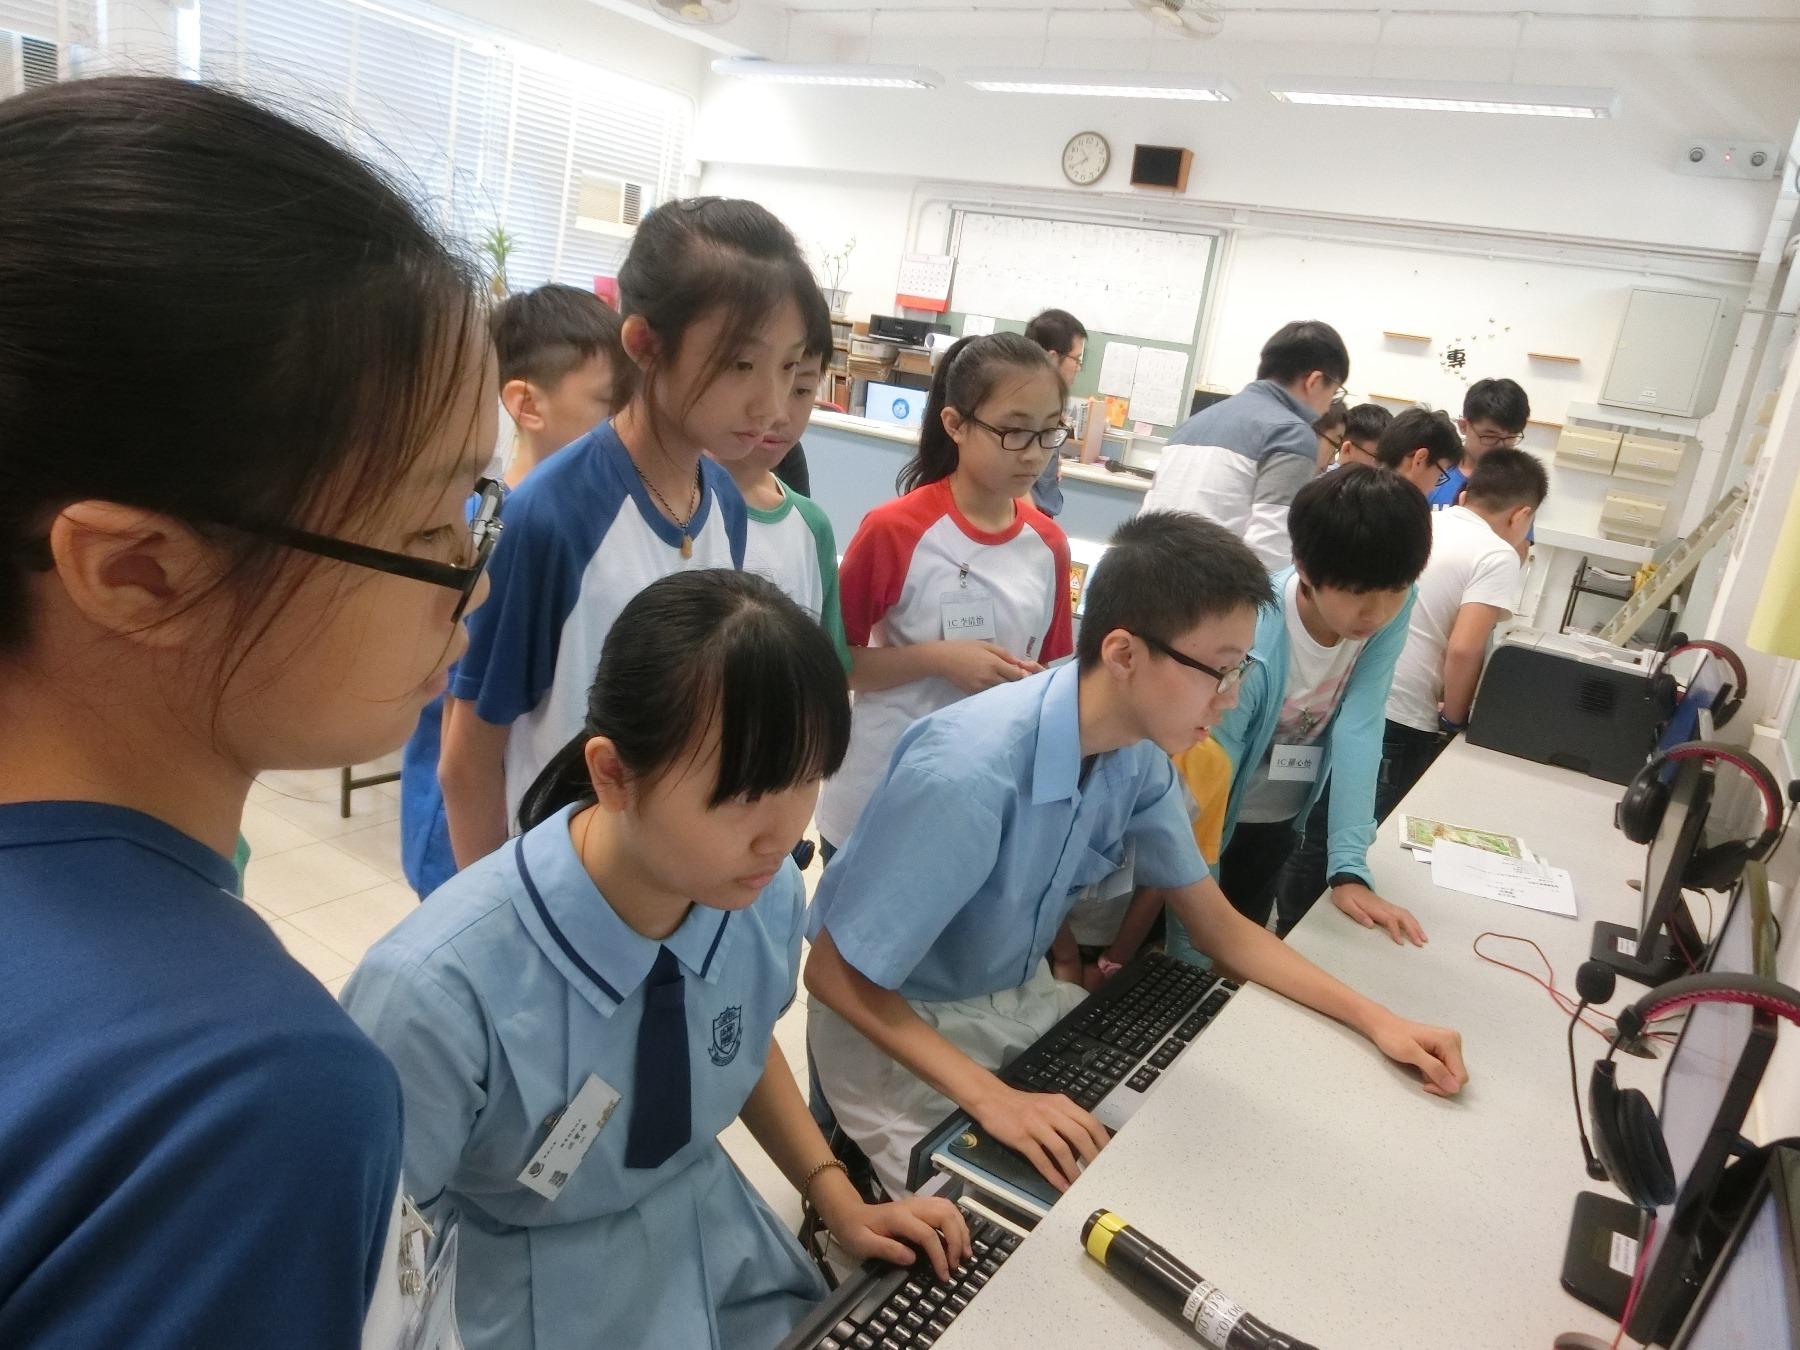 http://npc.edu.hk/sites/default/files/1c_kai_qi_zhi_shi_bao_ku_01.jpg